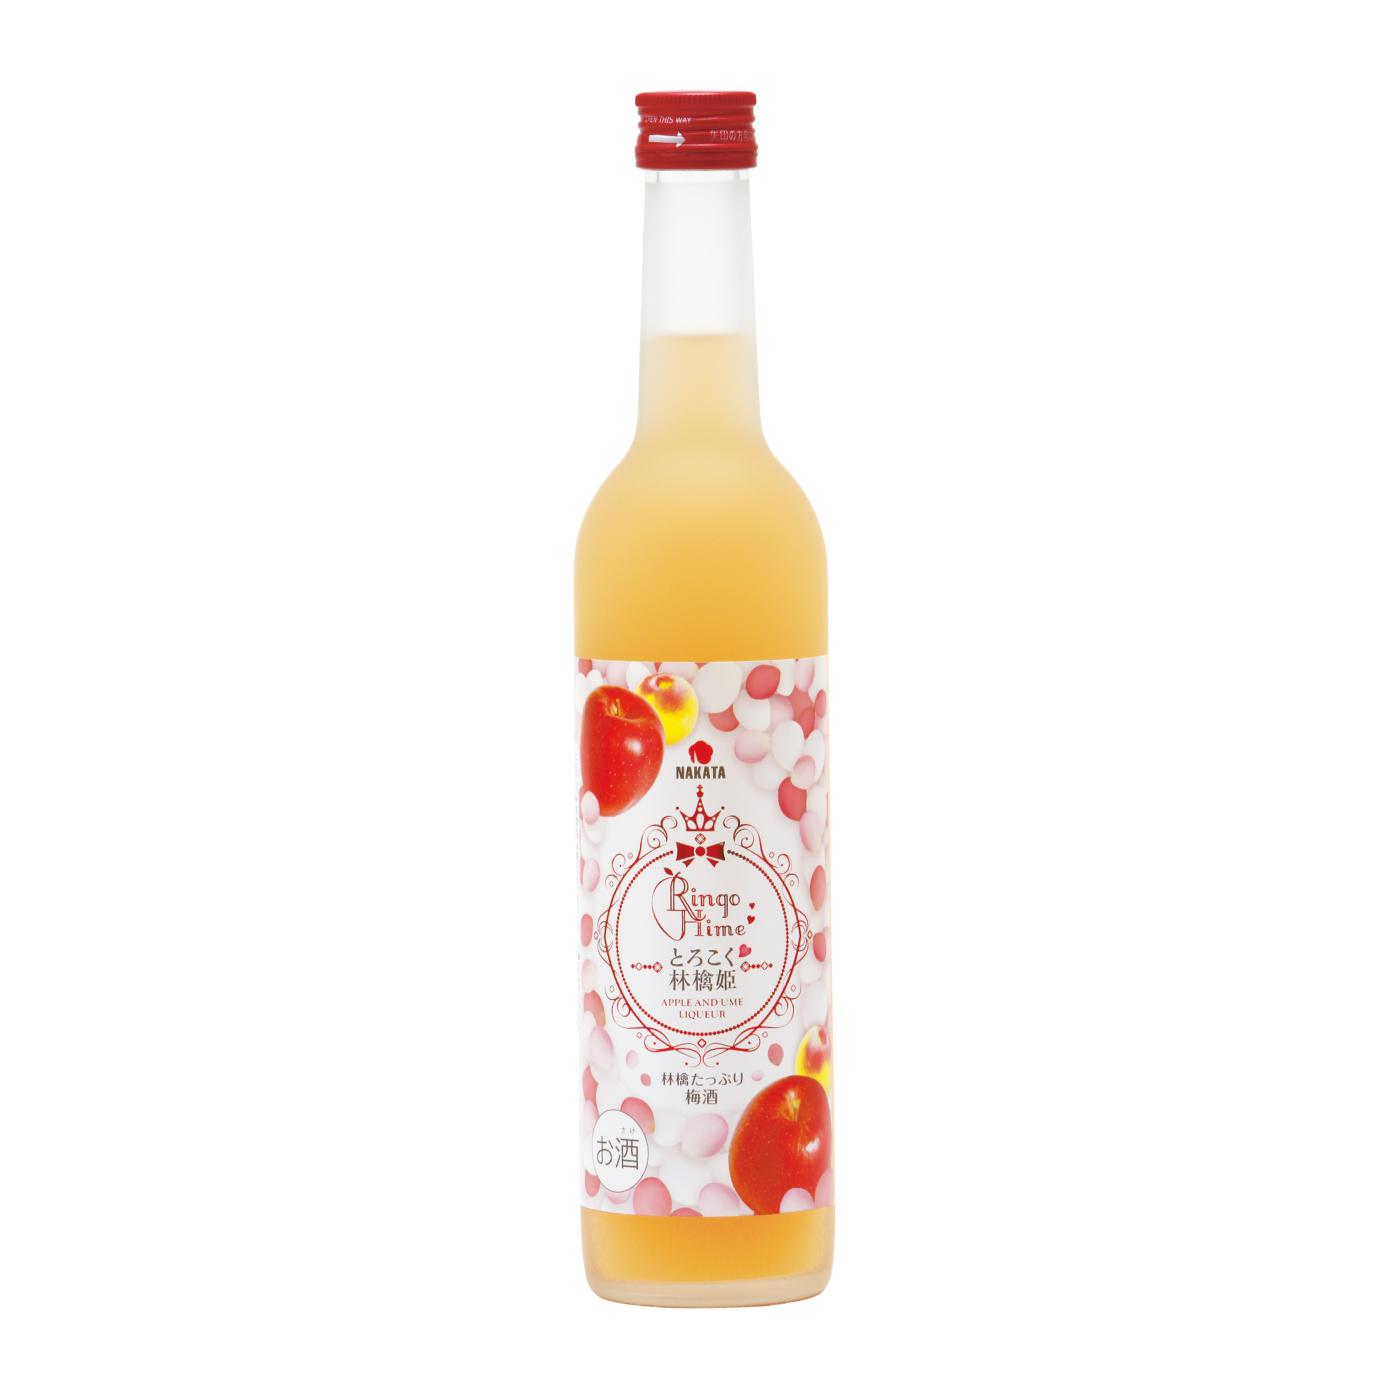 とろこく林檎姫 林檎たっぷり梅酒の会